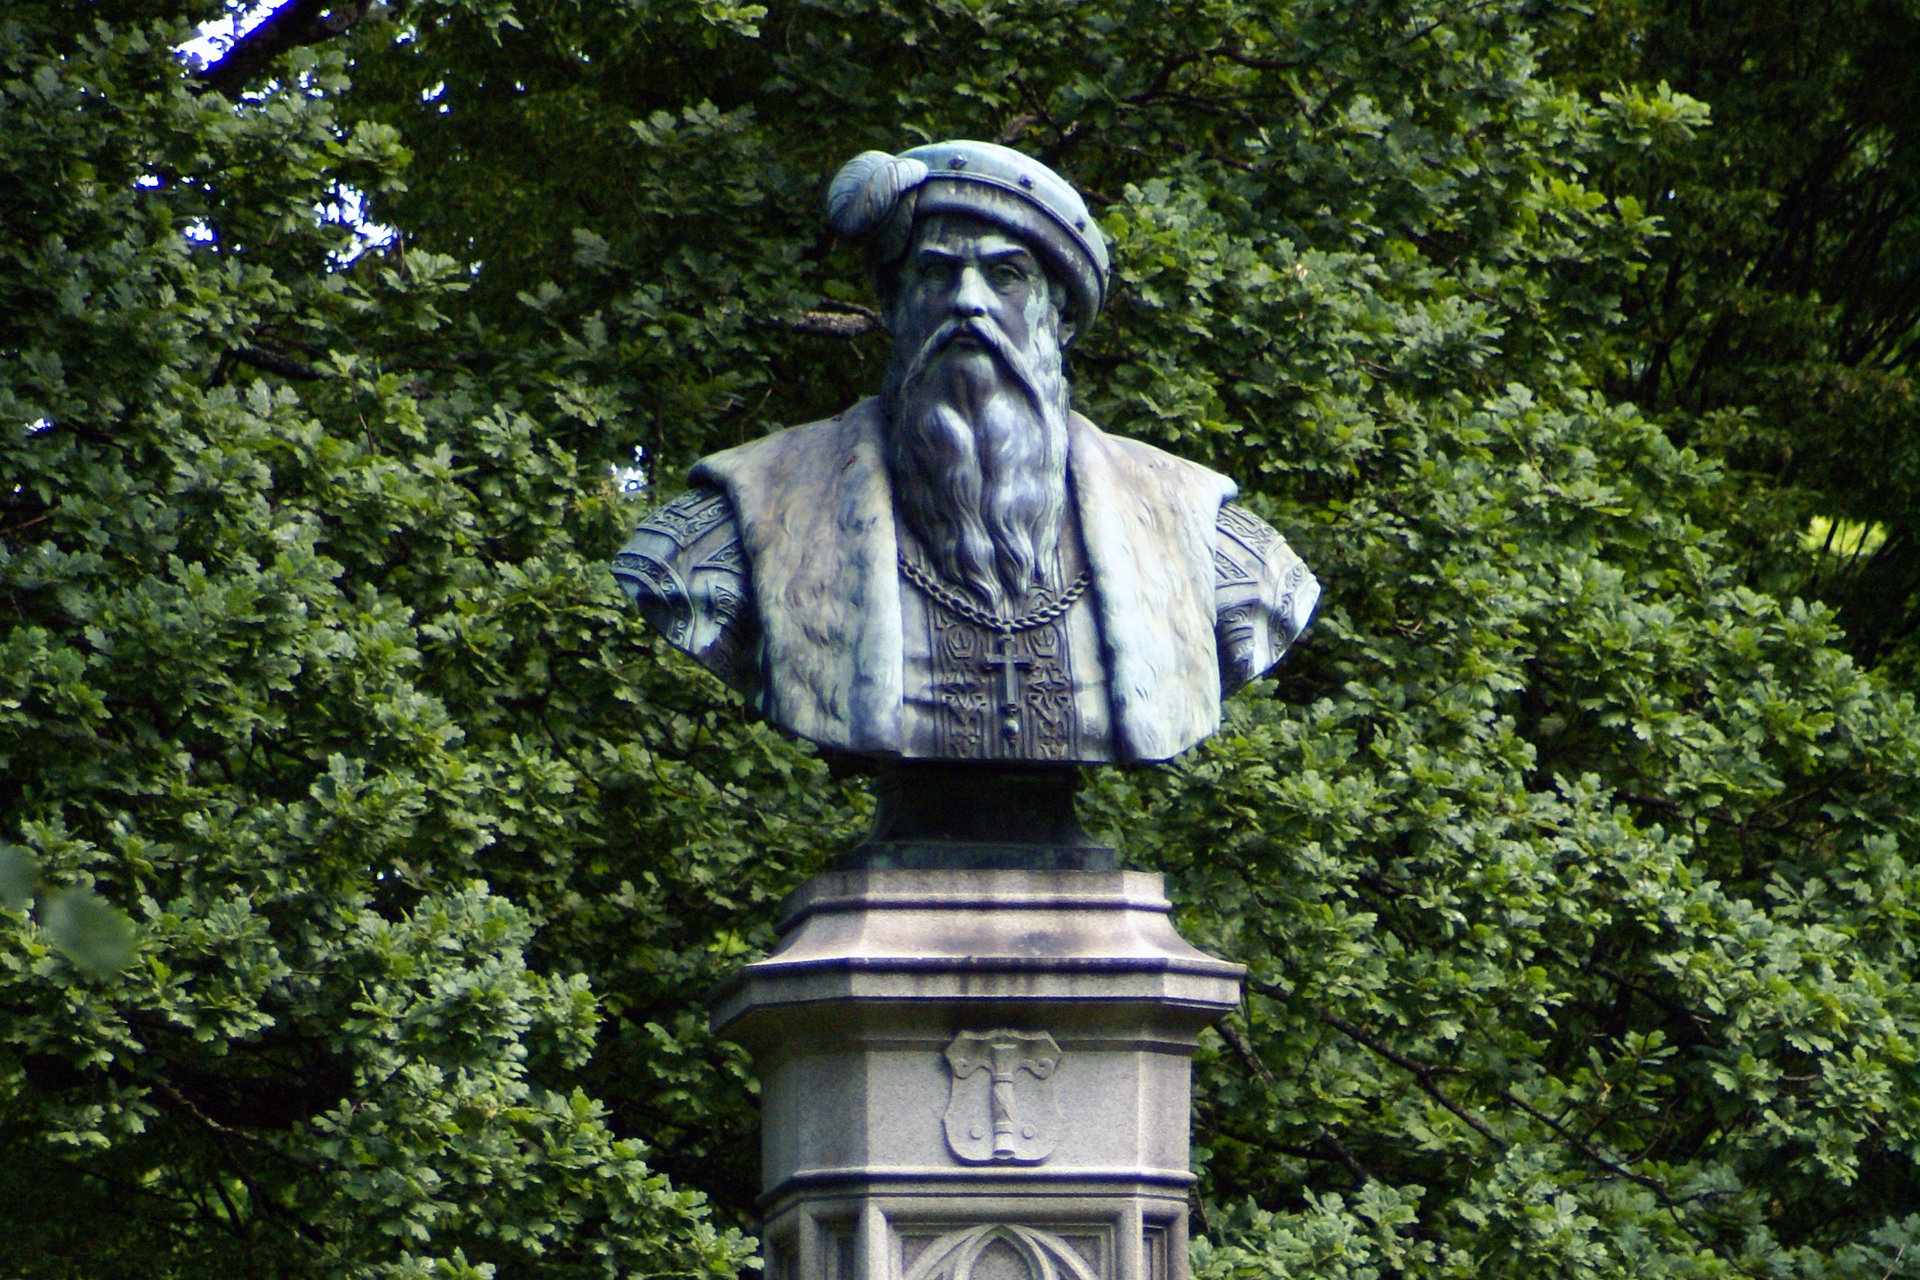 Gustav vasa staty med grönska i bakgrunden. Fotograf: Linda Heplinger